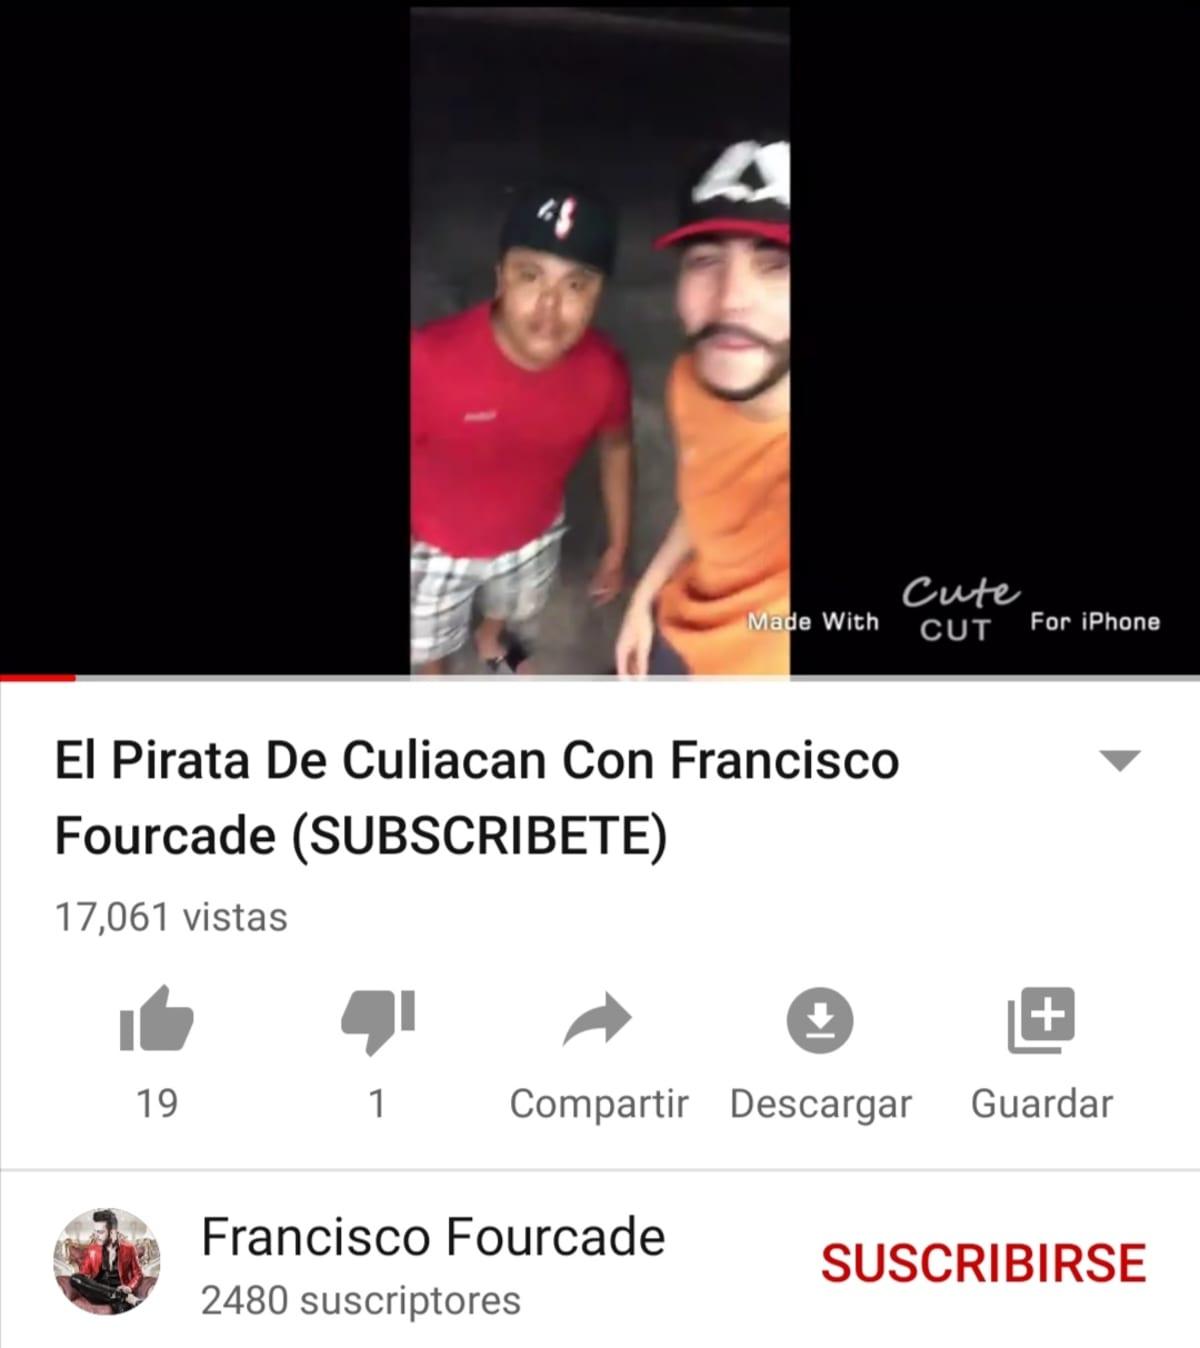 Pirata Culiacán Francisco Fourcade